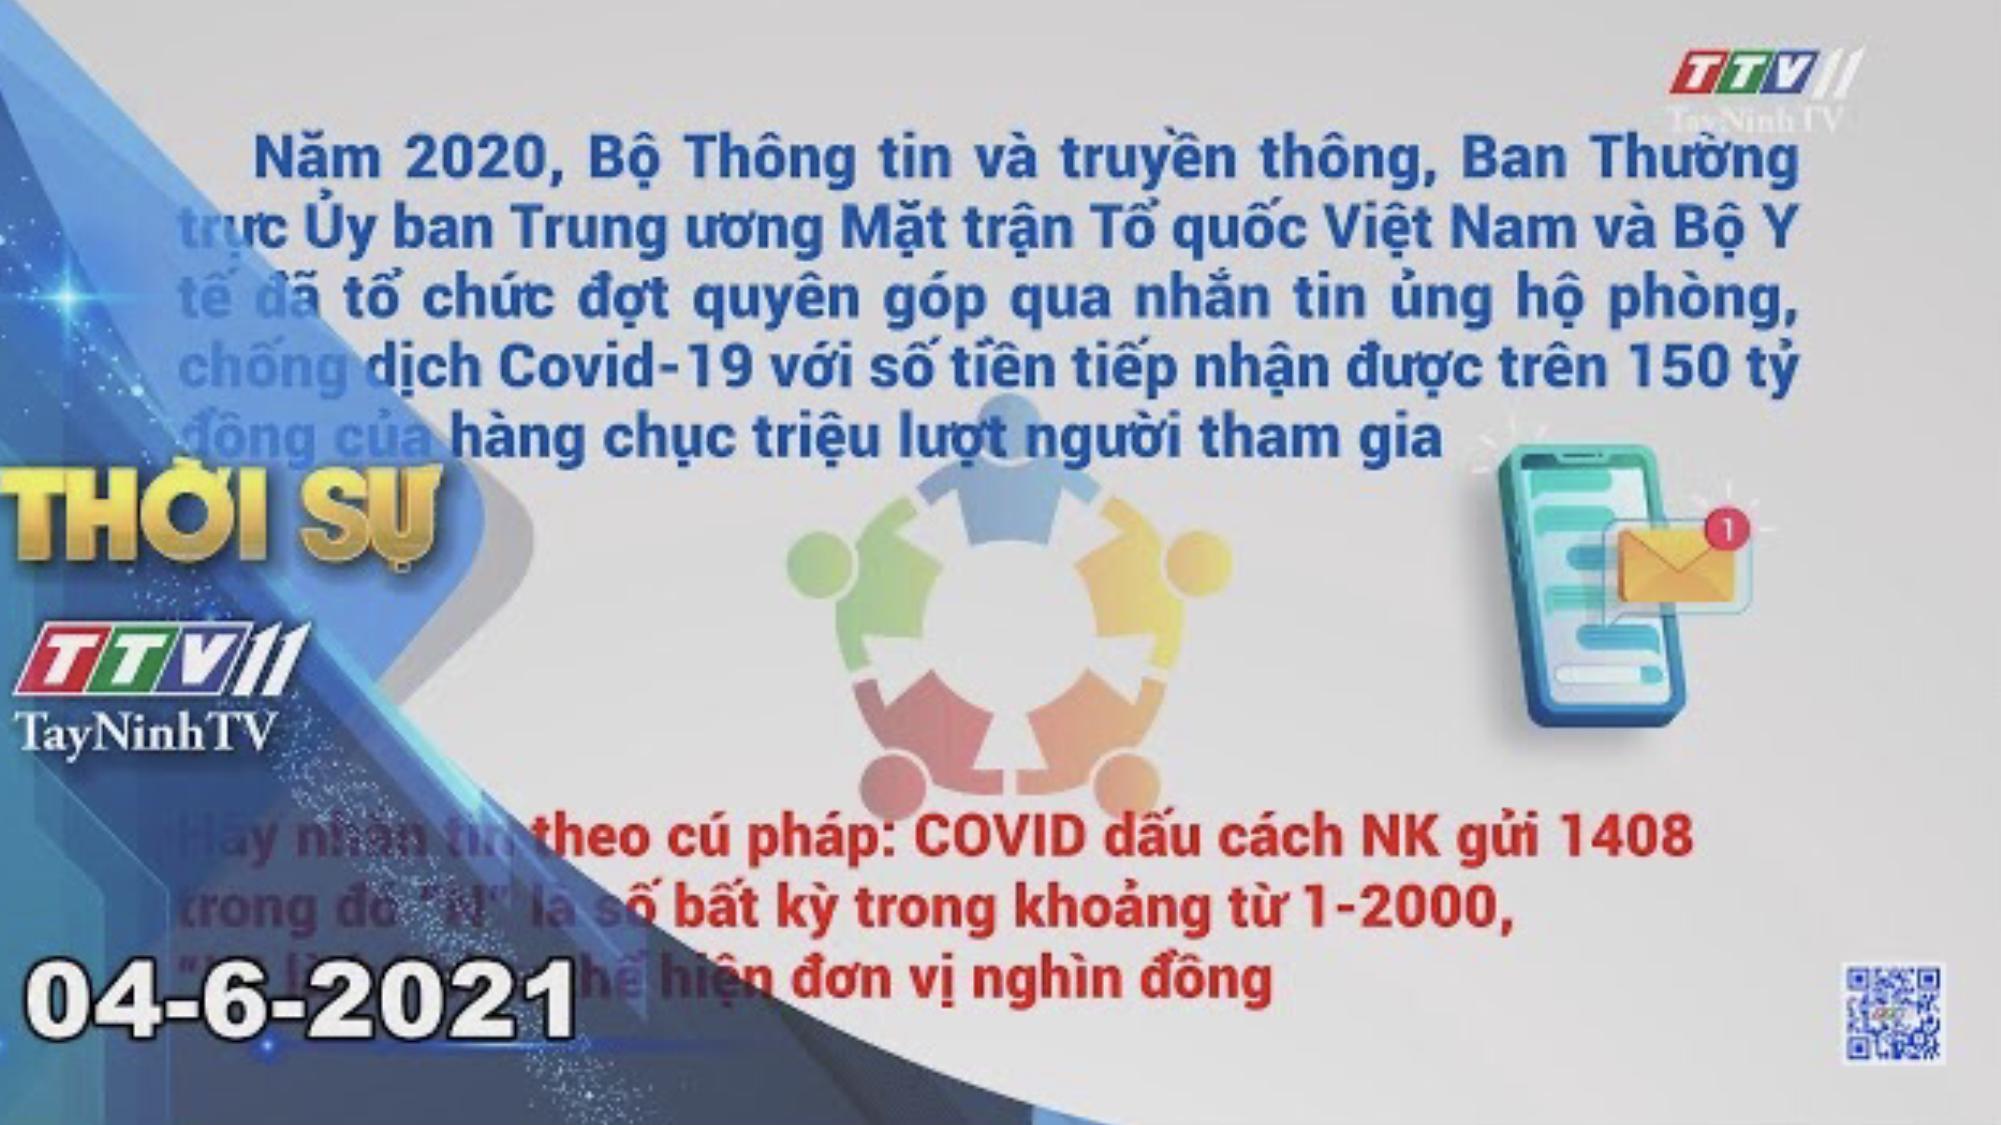 Thời sự Tây Ninh 04-6-2021 | Tin tức hôm nay | TayNinhTV